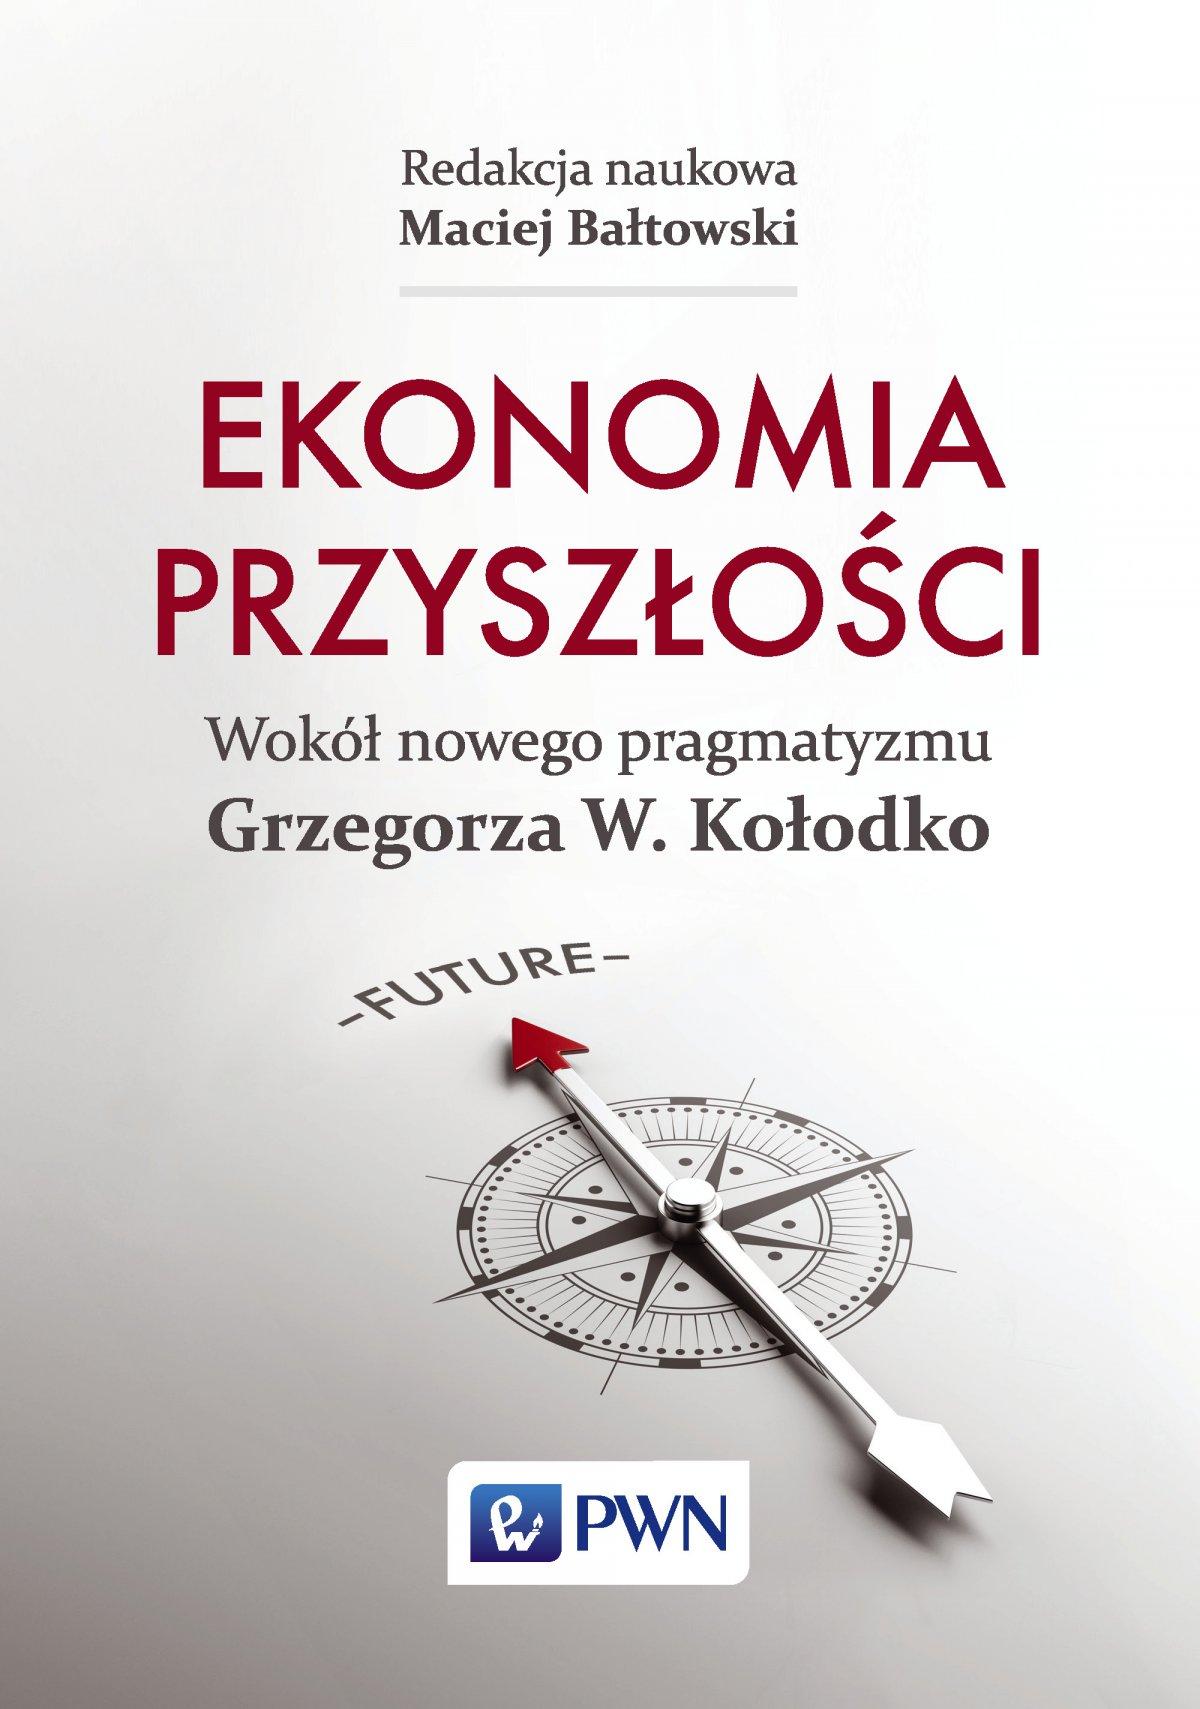 Ekonomia przyszłości. Wokół nowego pragmatyzmu Grzegorza W. Kołodko - Ebook (Książka na Kindle) do pobrania w formacie MOBI